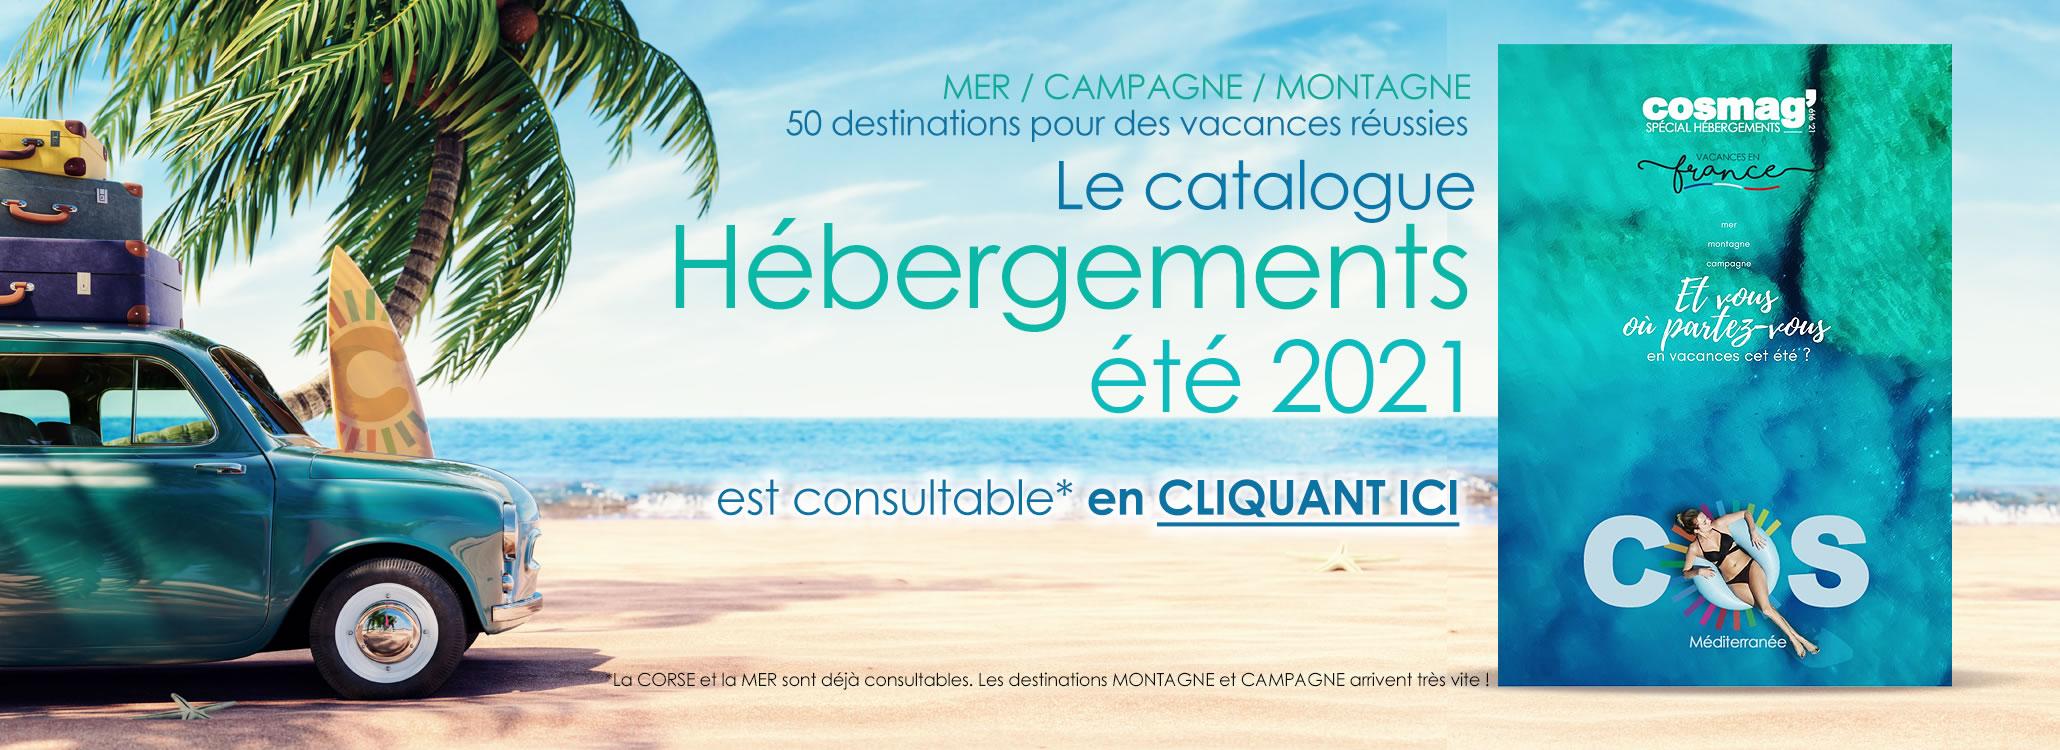 COSMAG-HEBERGEMENTS-ETE2021-3